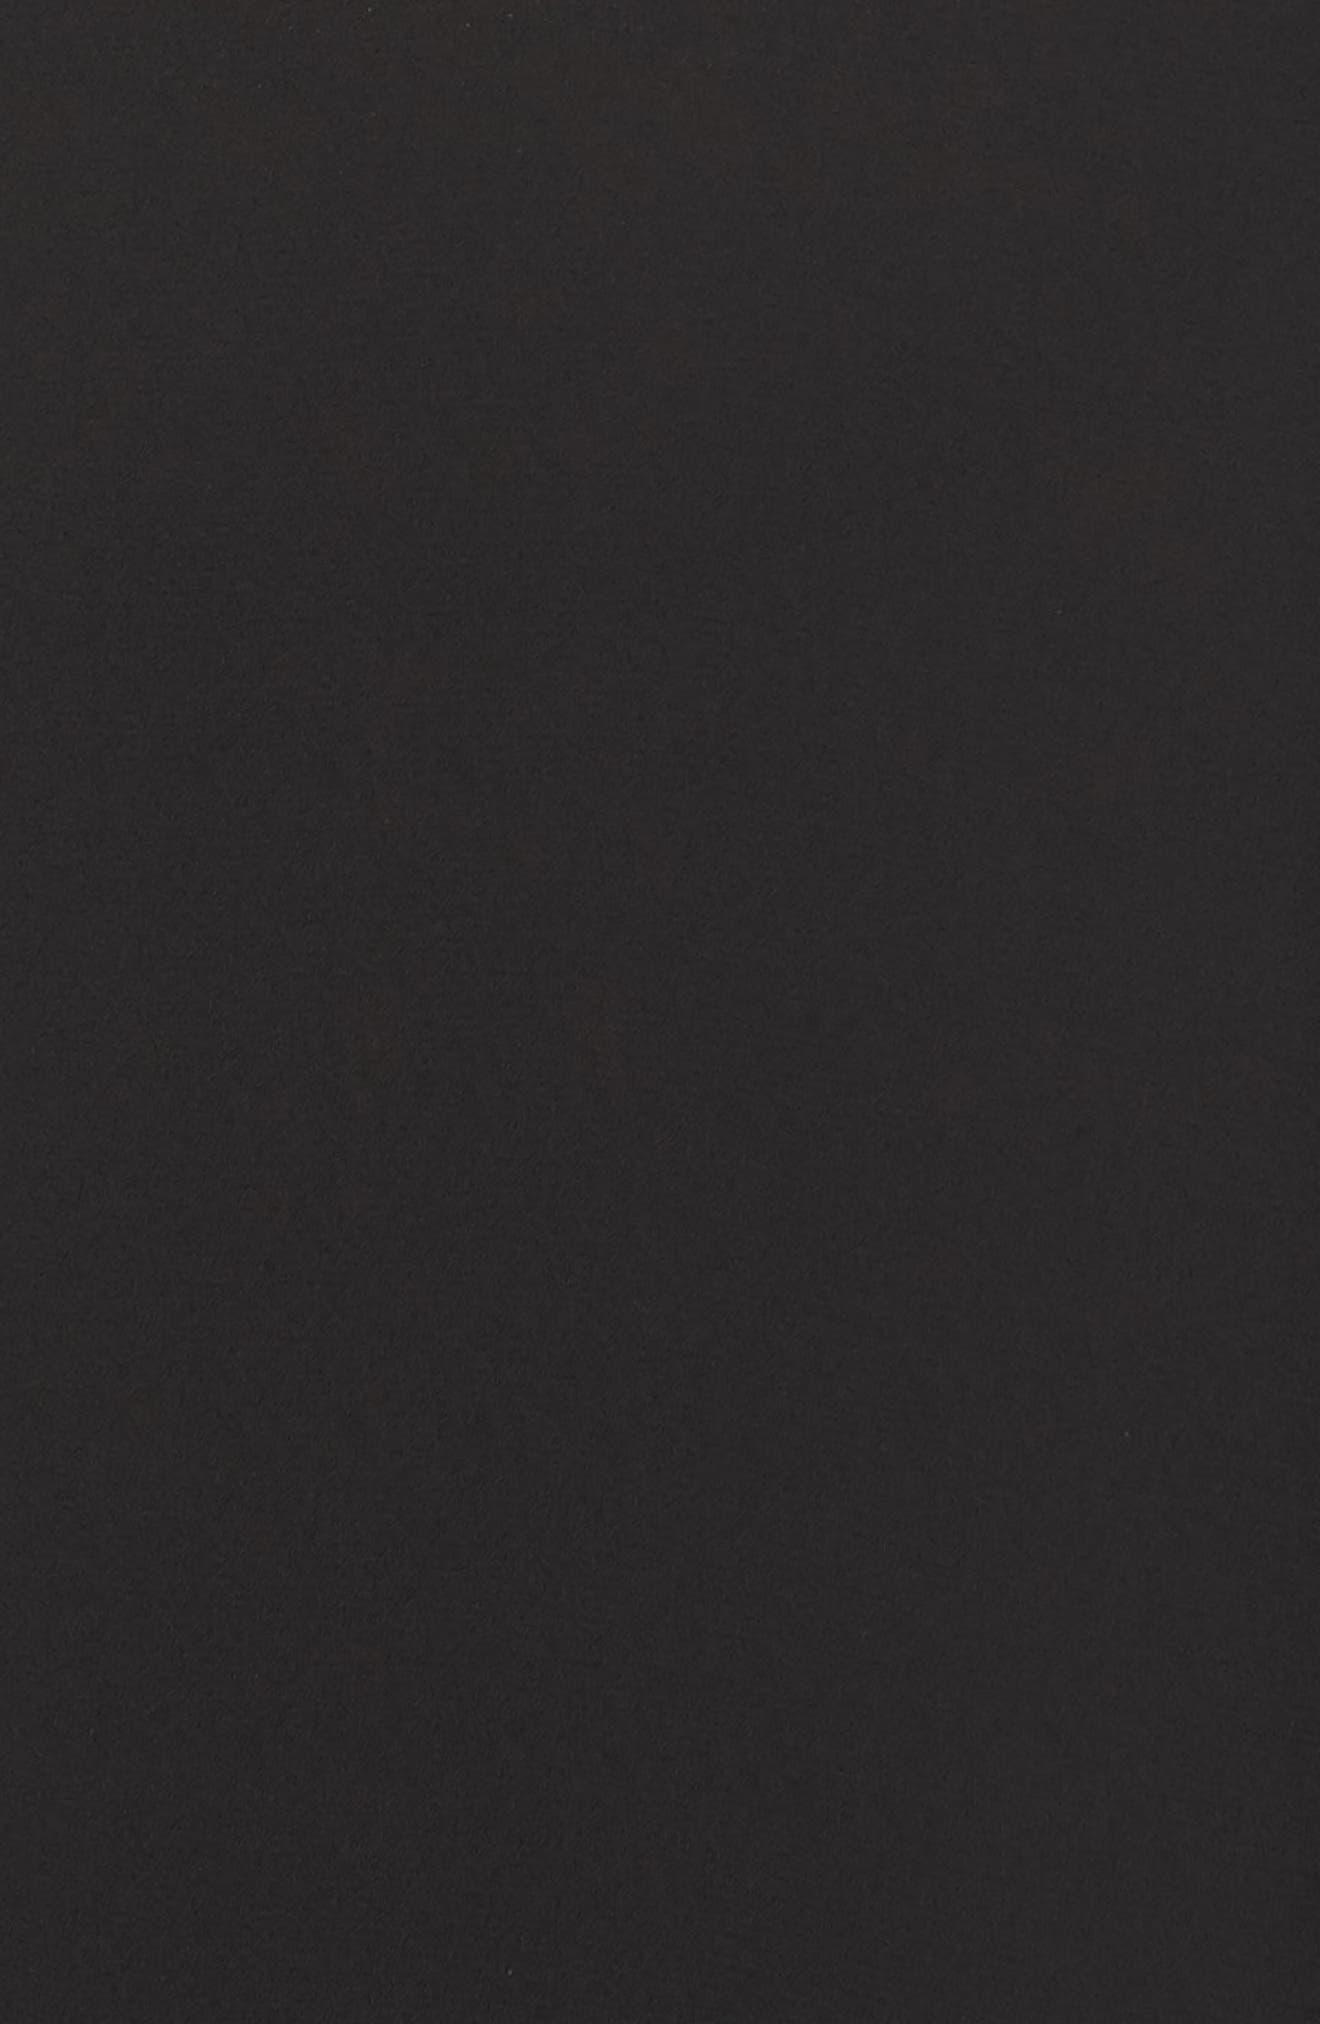 Placket Front Blouse,                             Alternate thumbnail 5, color,                             BLACK